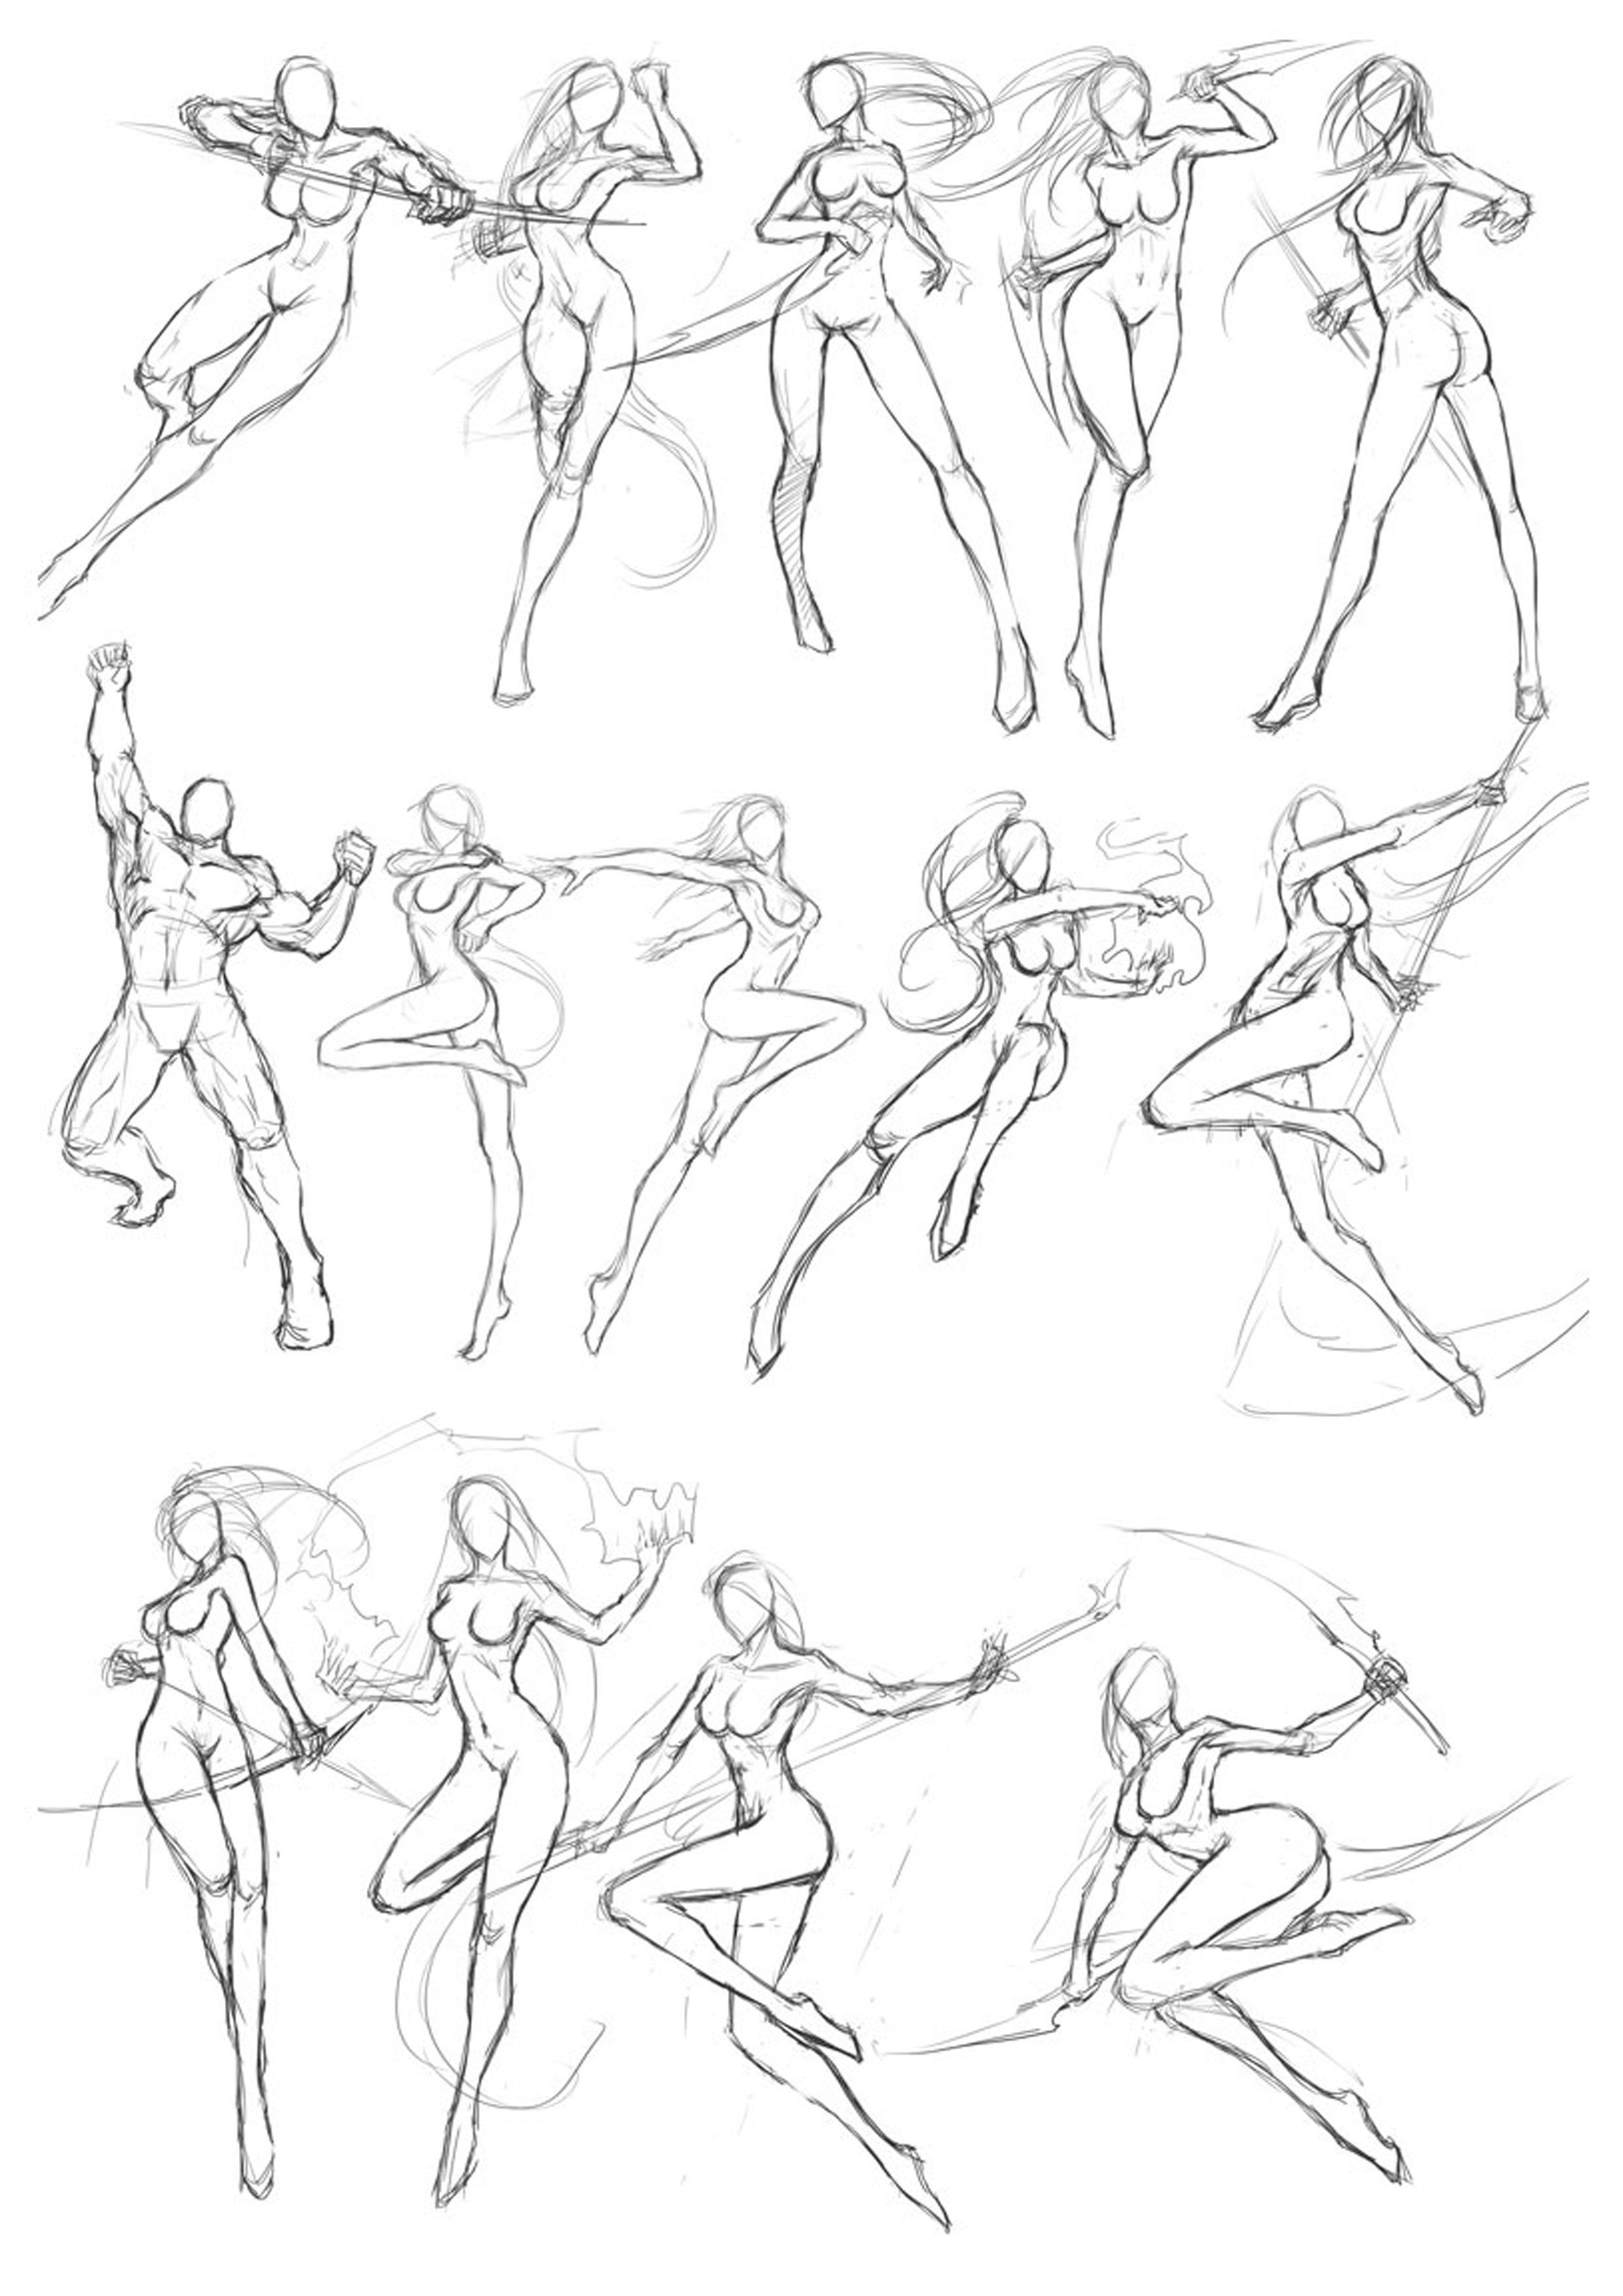 Martial Arts Posture